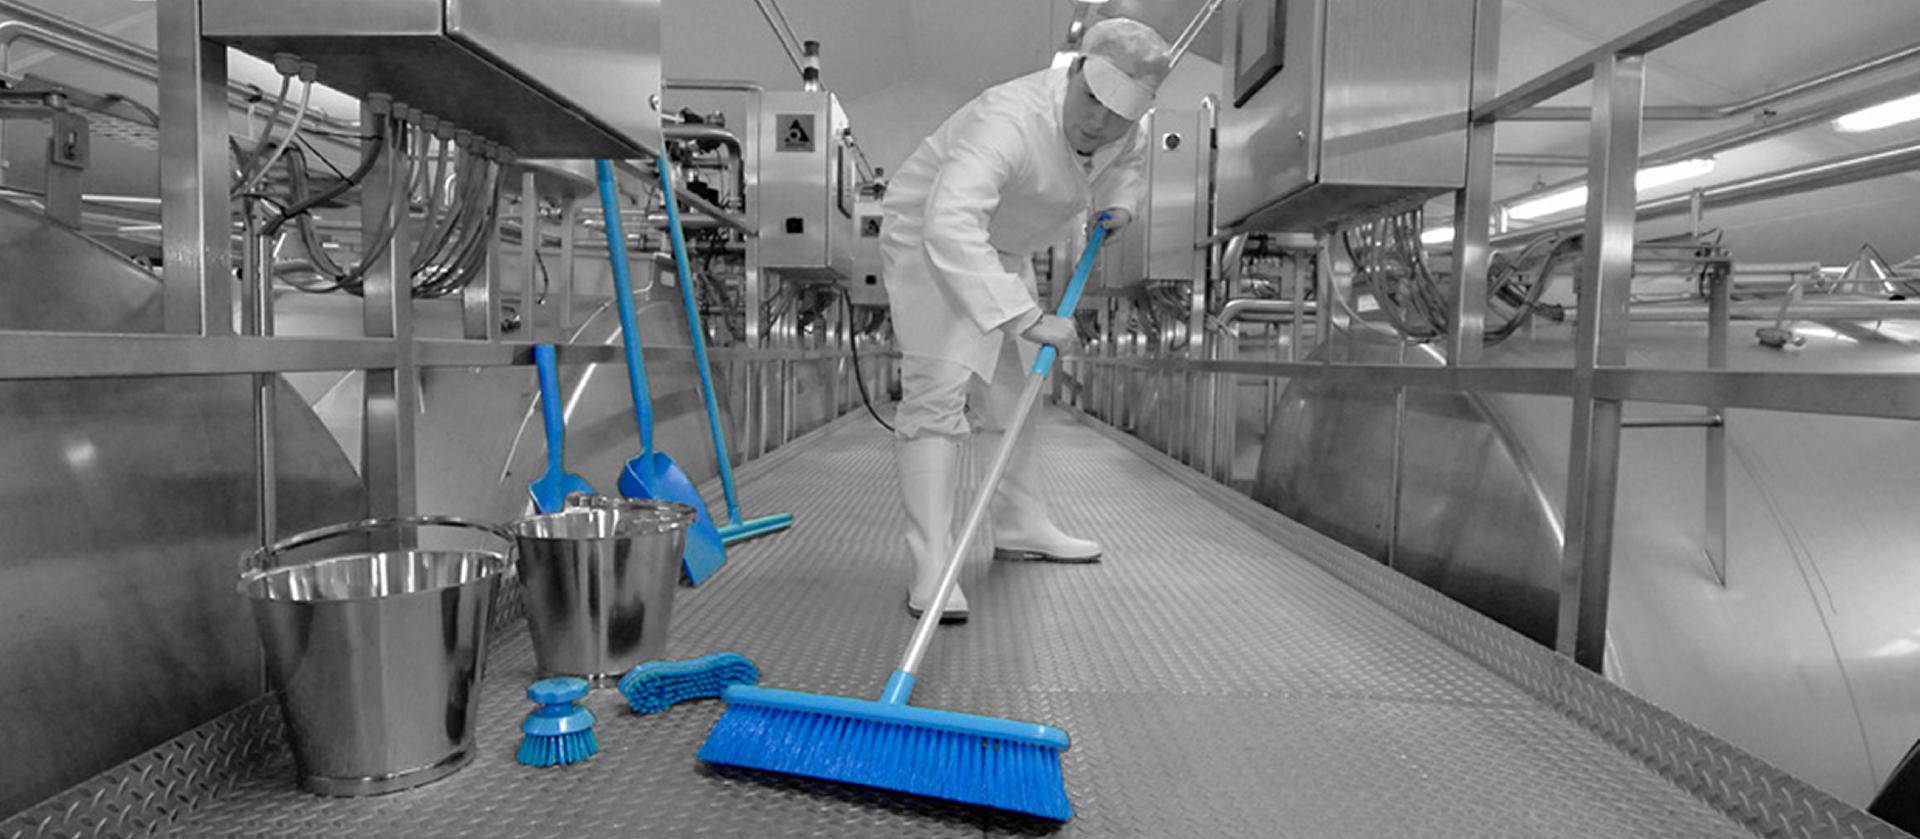 Reiniging, onderhoud en desinfectie voor de voedingsmiddelenindustrie.